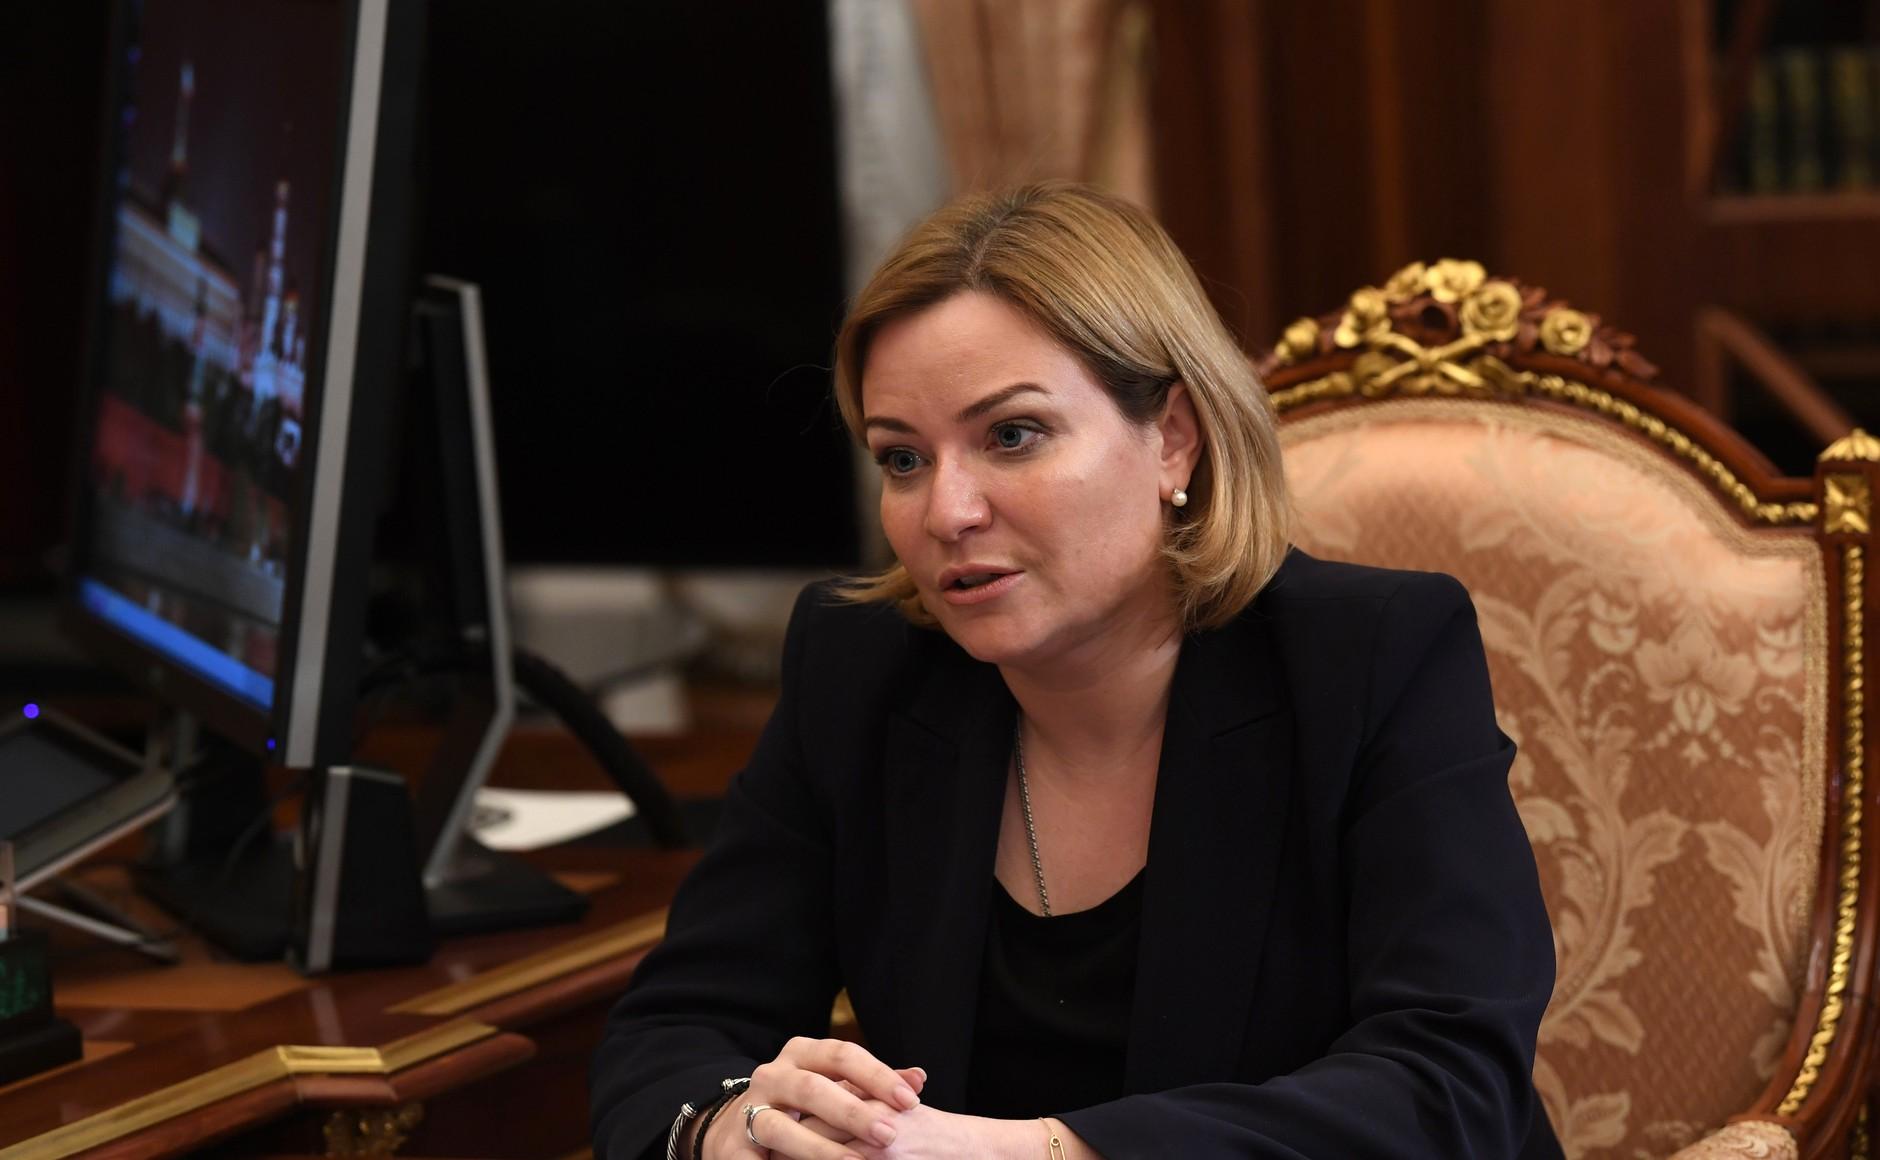 KREMLIN PH 3 SUR 3 DU 07.12.2020 Rencontre avec la ministre de la Culture Olga Lyubimova